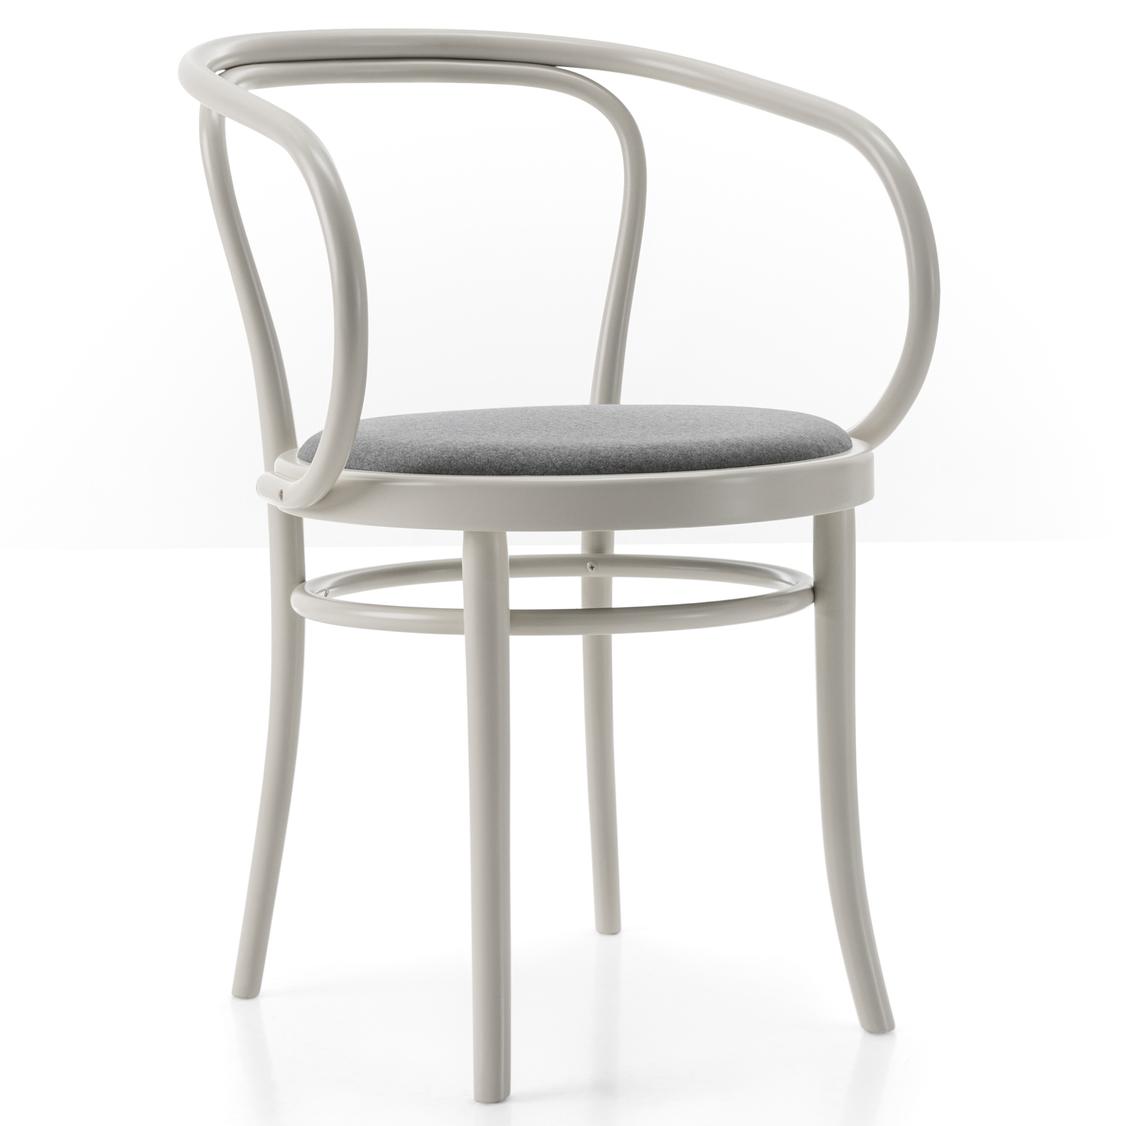 Gebrüder Thonet Vienna Обеденный стул «Wiener stuhl»